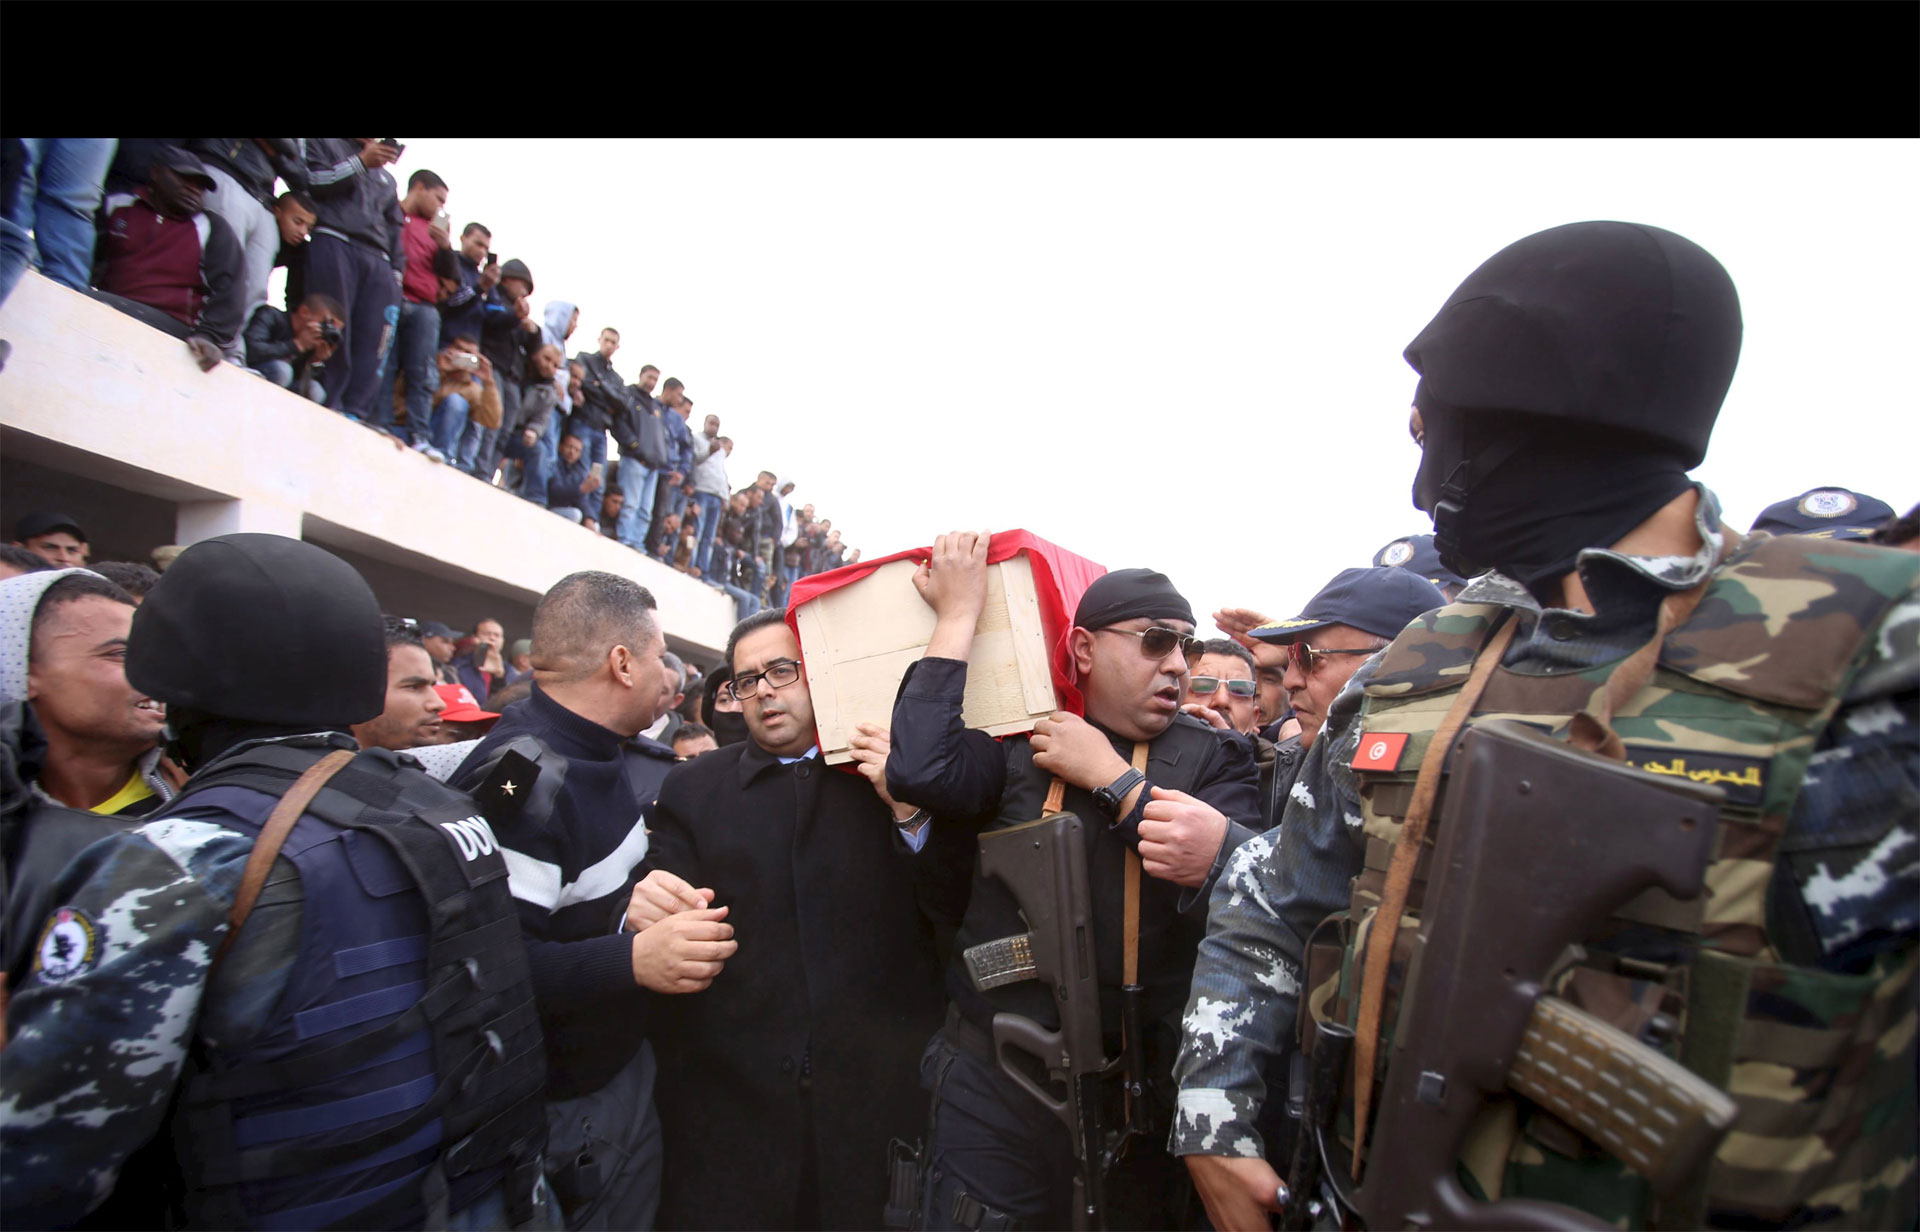 Desde el lunes han fallecido 45 posibles combatientes que provendrían de Libia